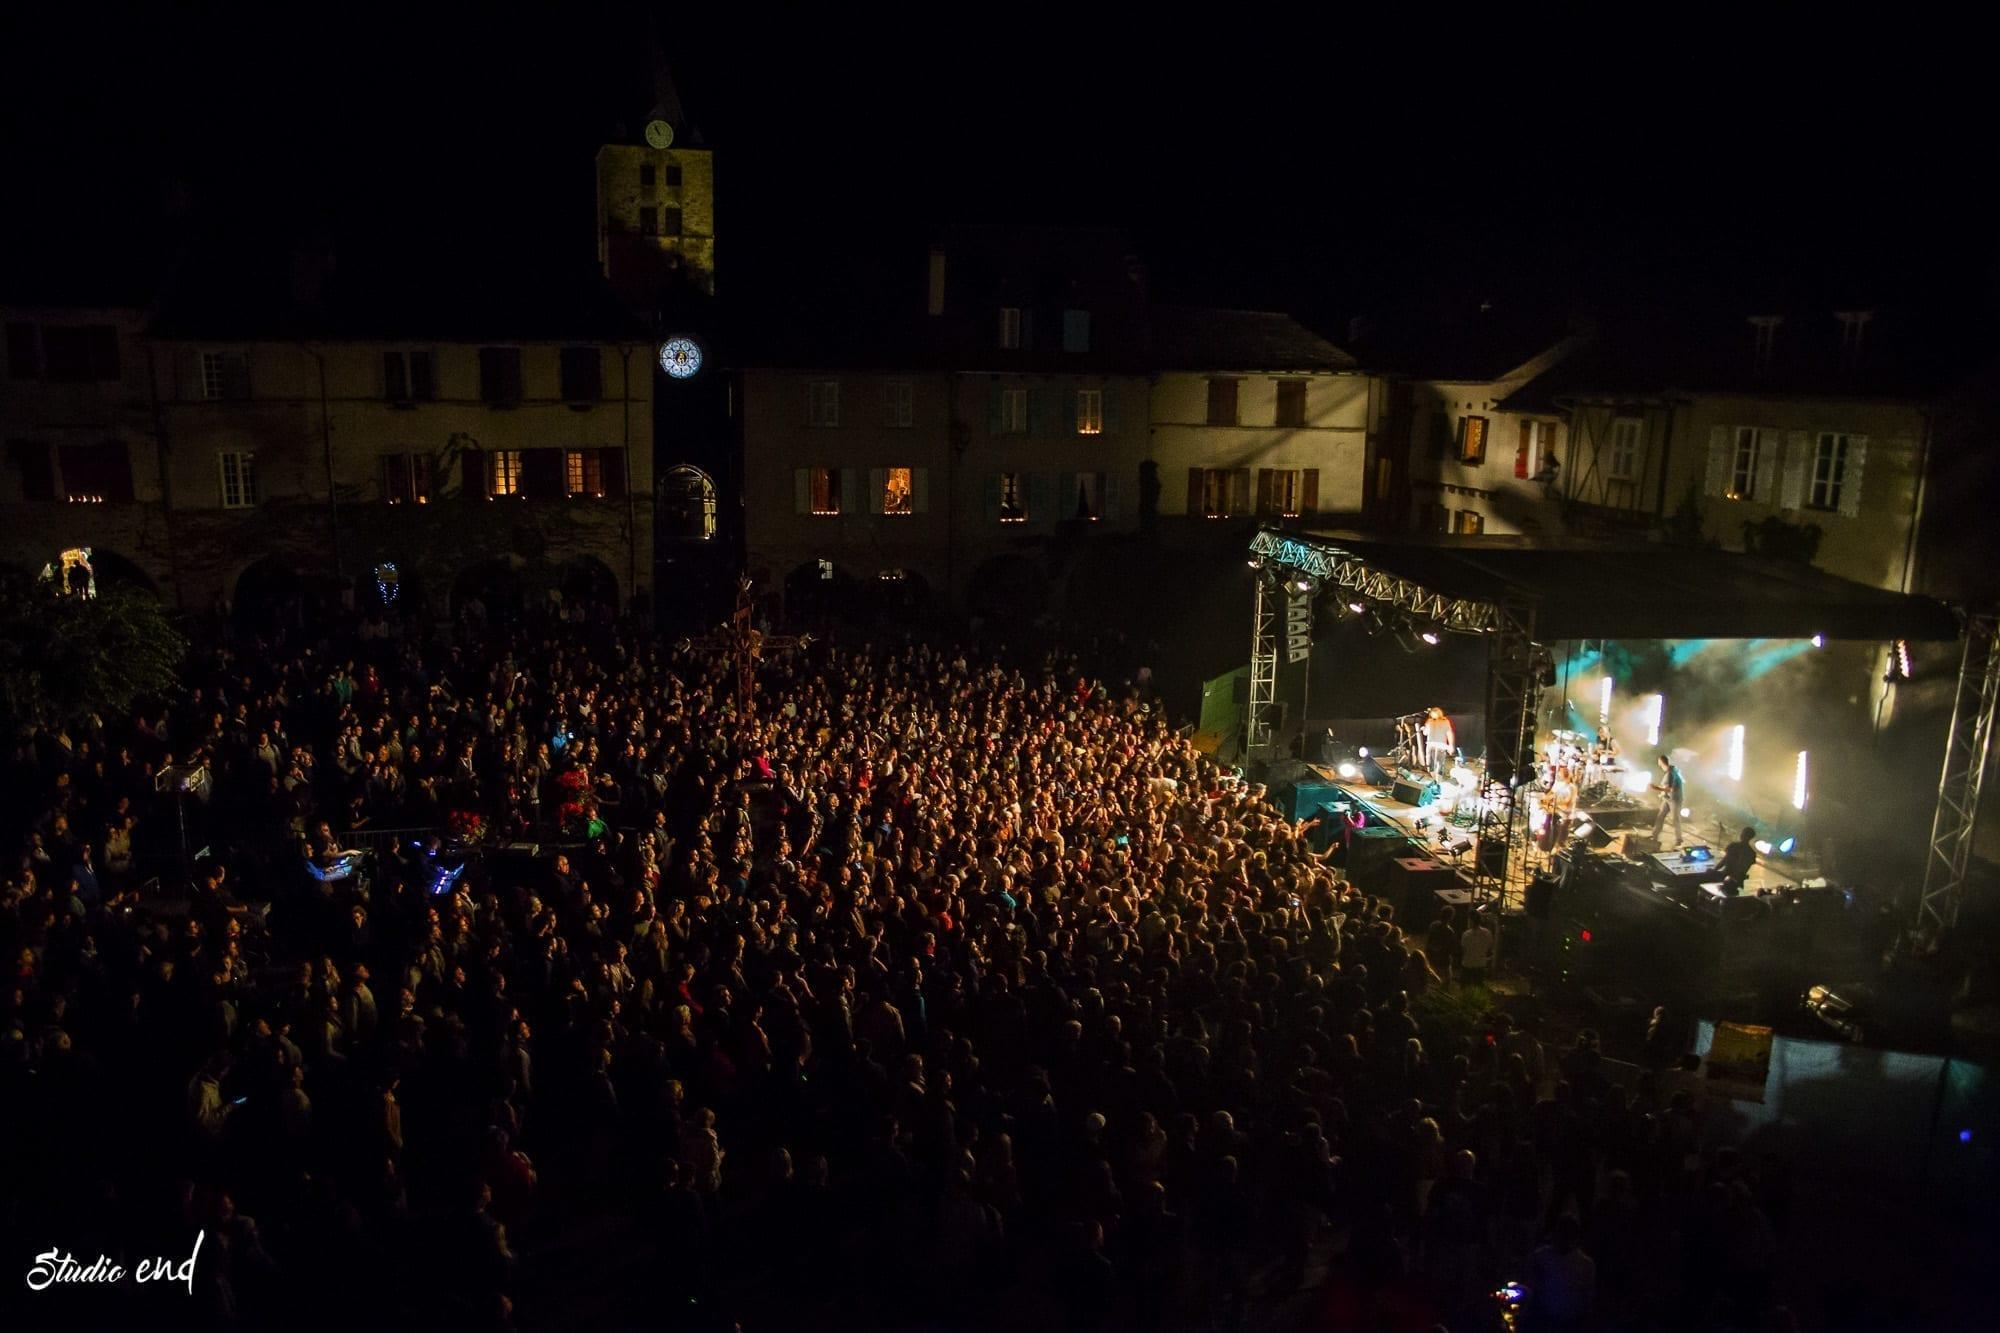 Foule pendant un concert musique sur la place du village entre Rodez et Albi